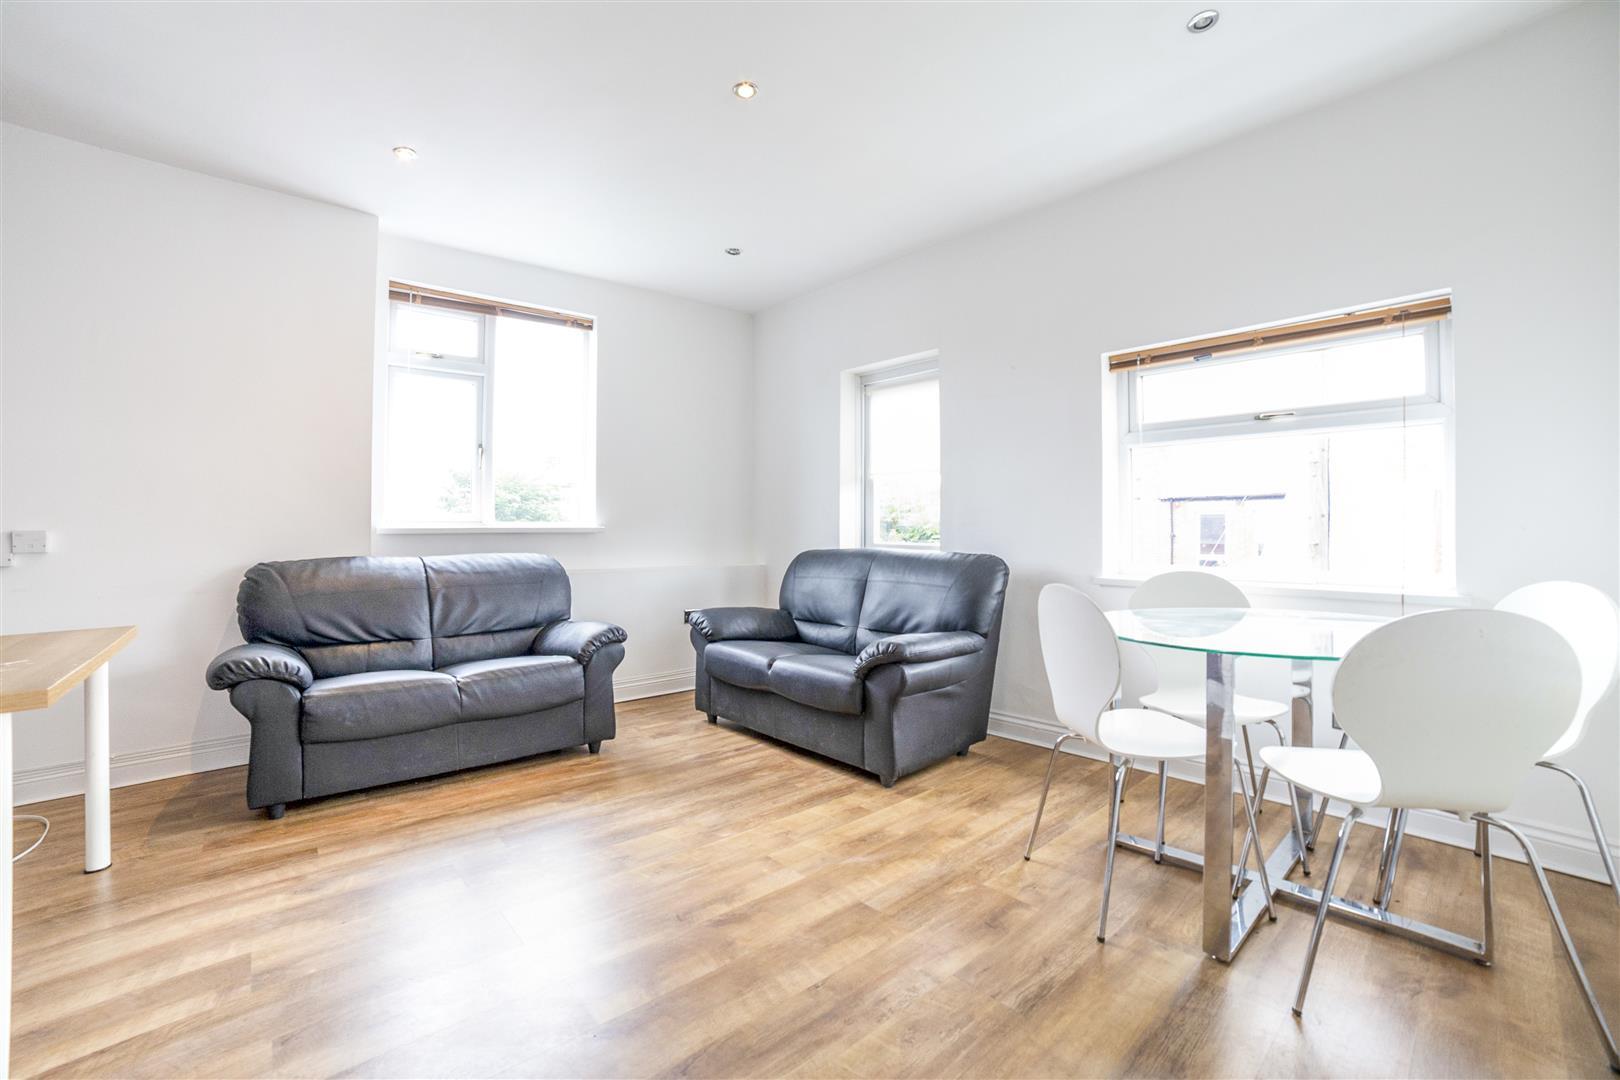 4 bed maisonette to rent in Newcastle Upon Tyne, NE2 1NR, NE2